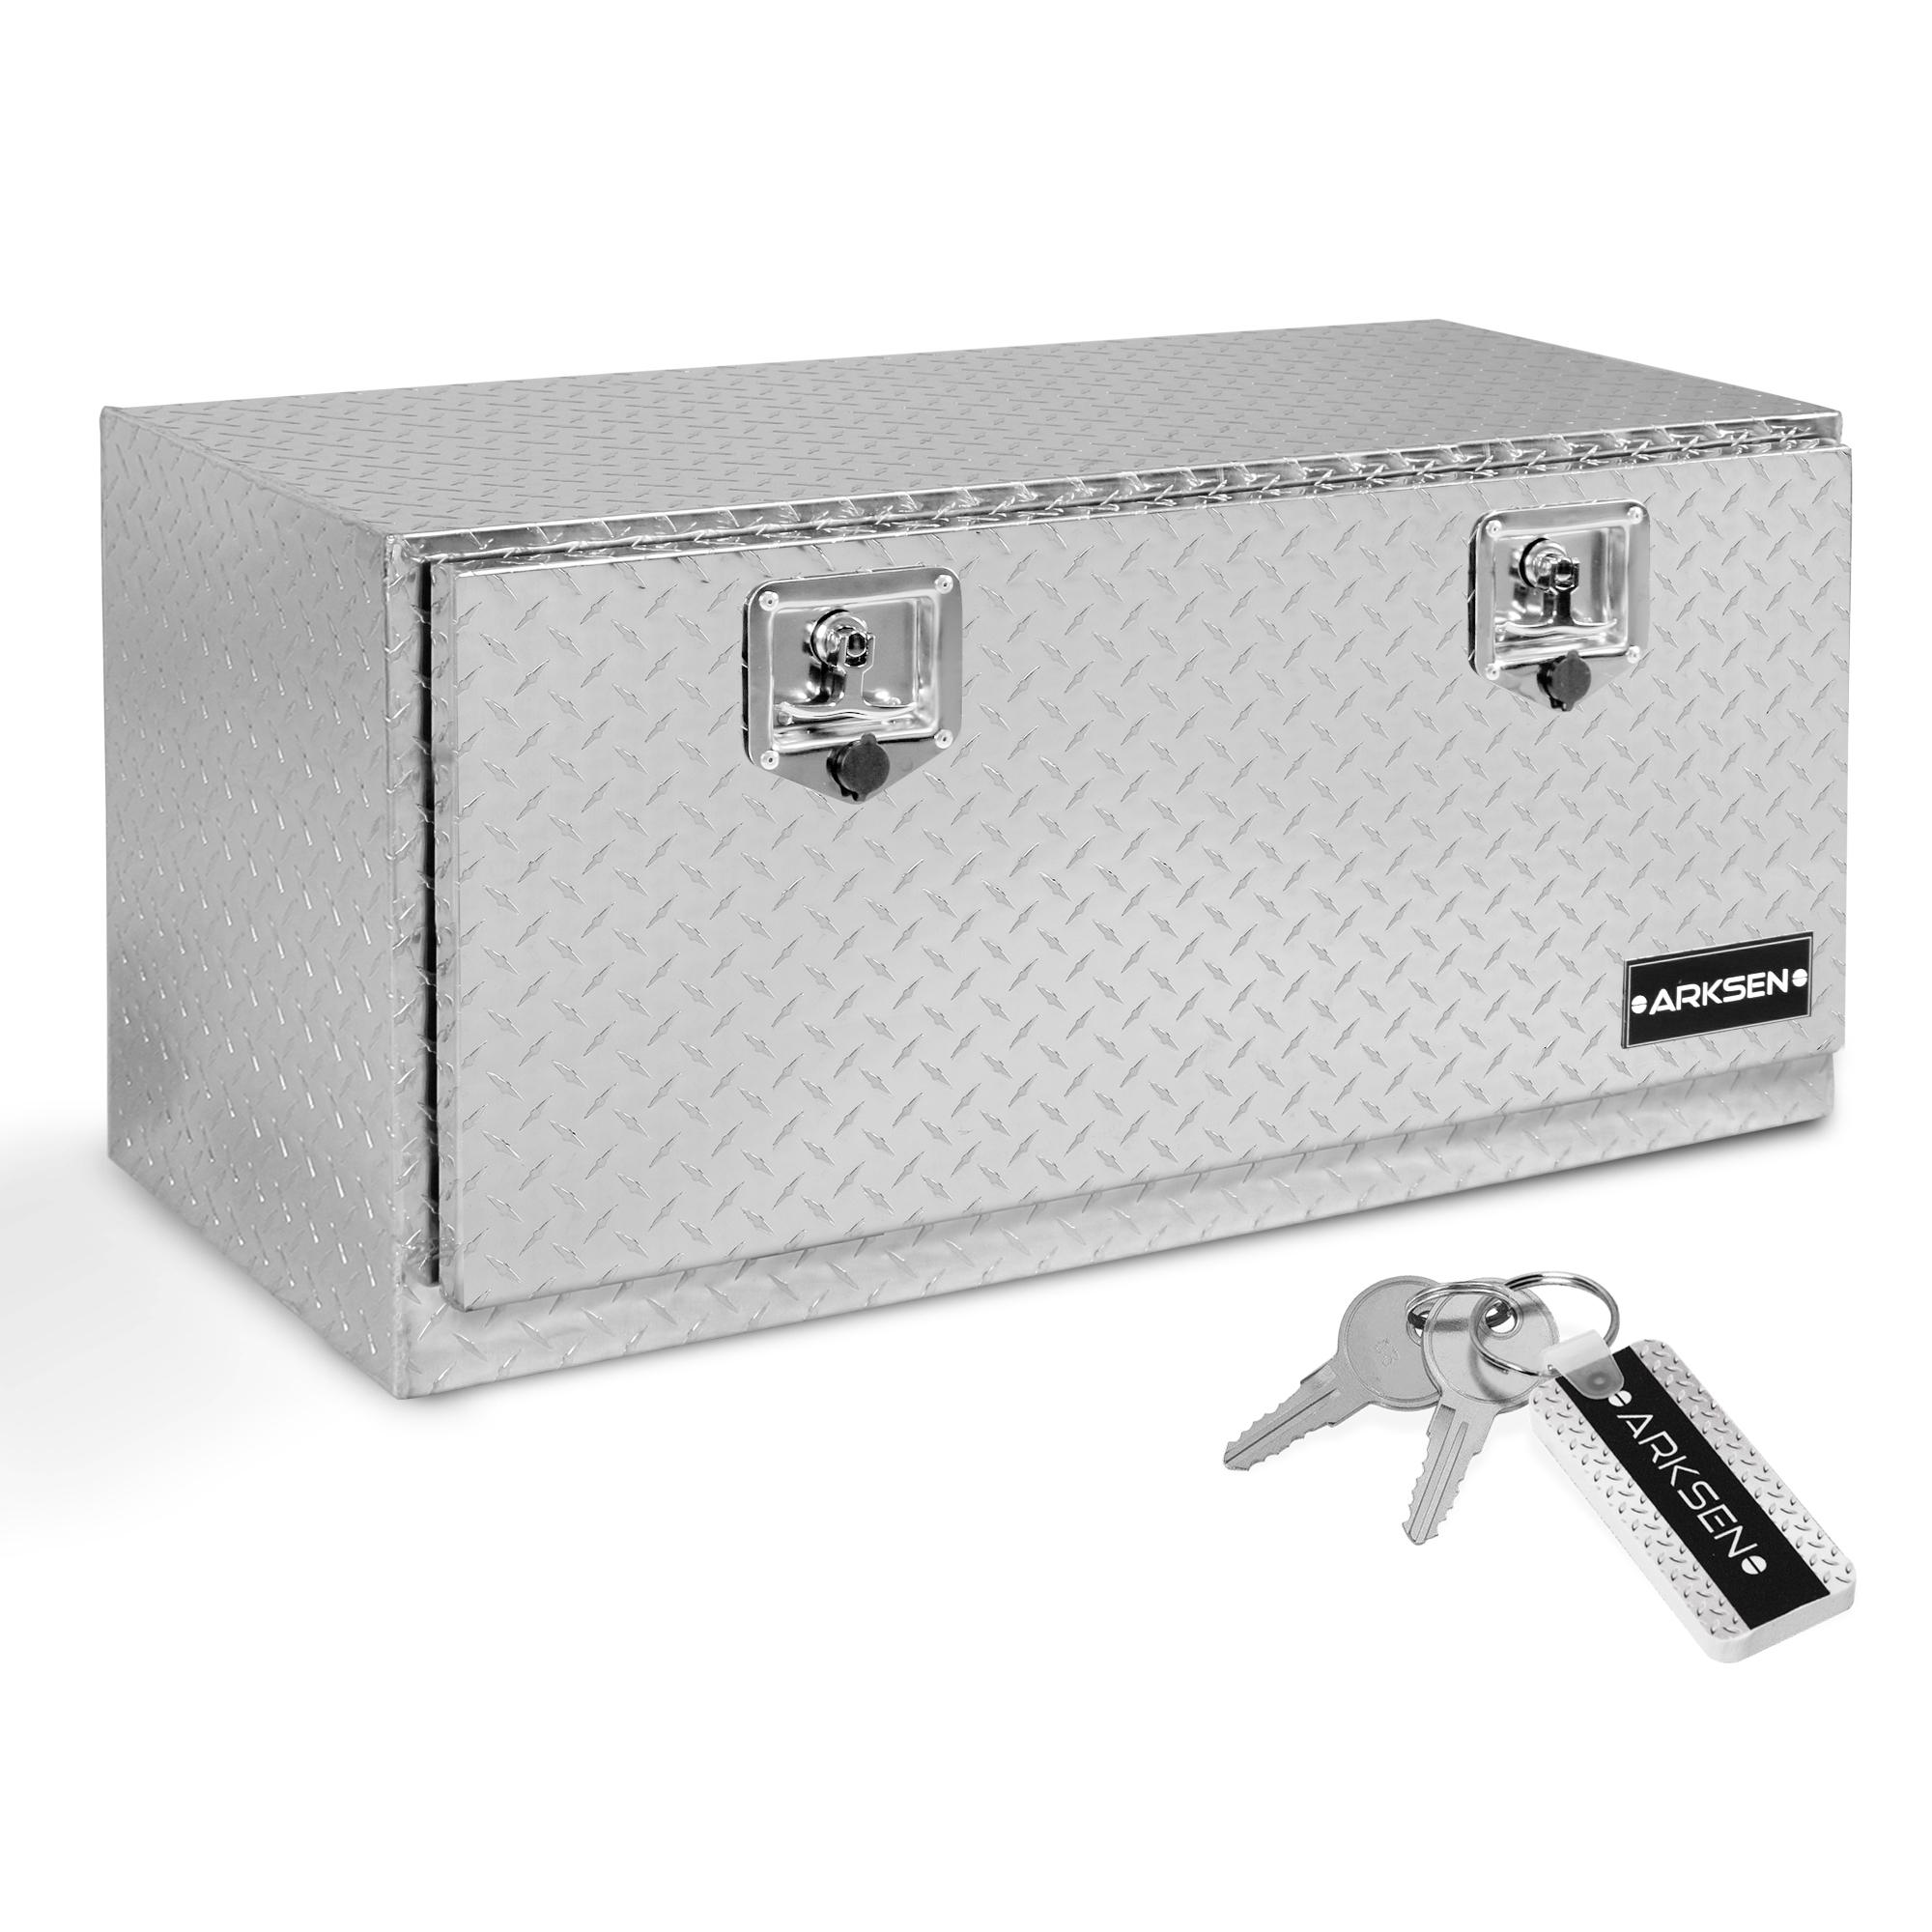 ARKSEN耐用铝钻石板工具箱